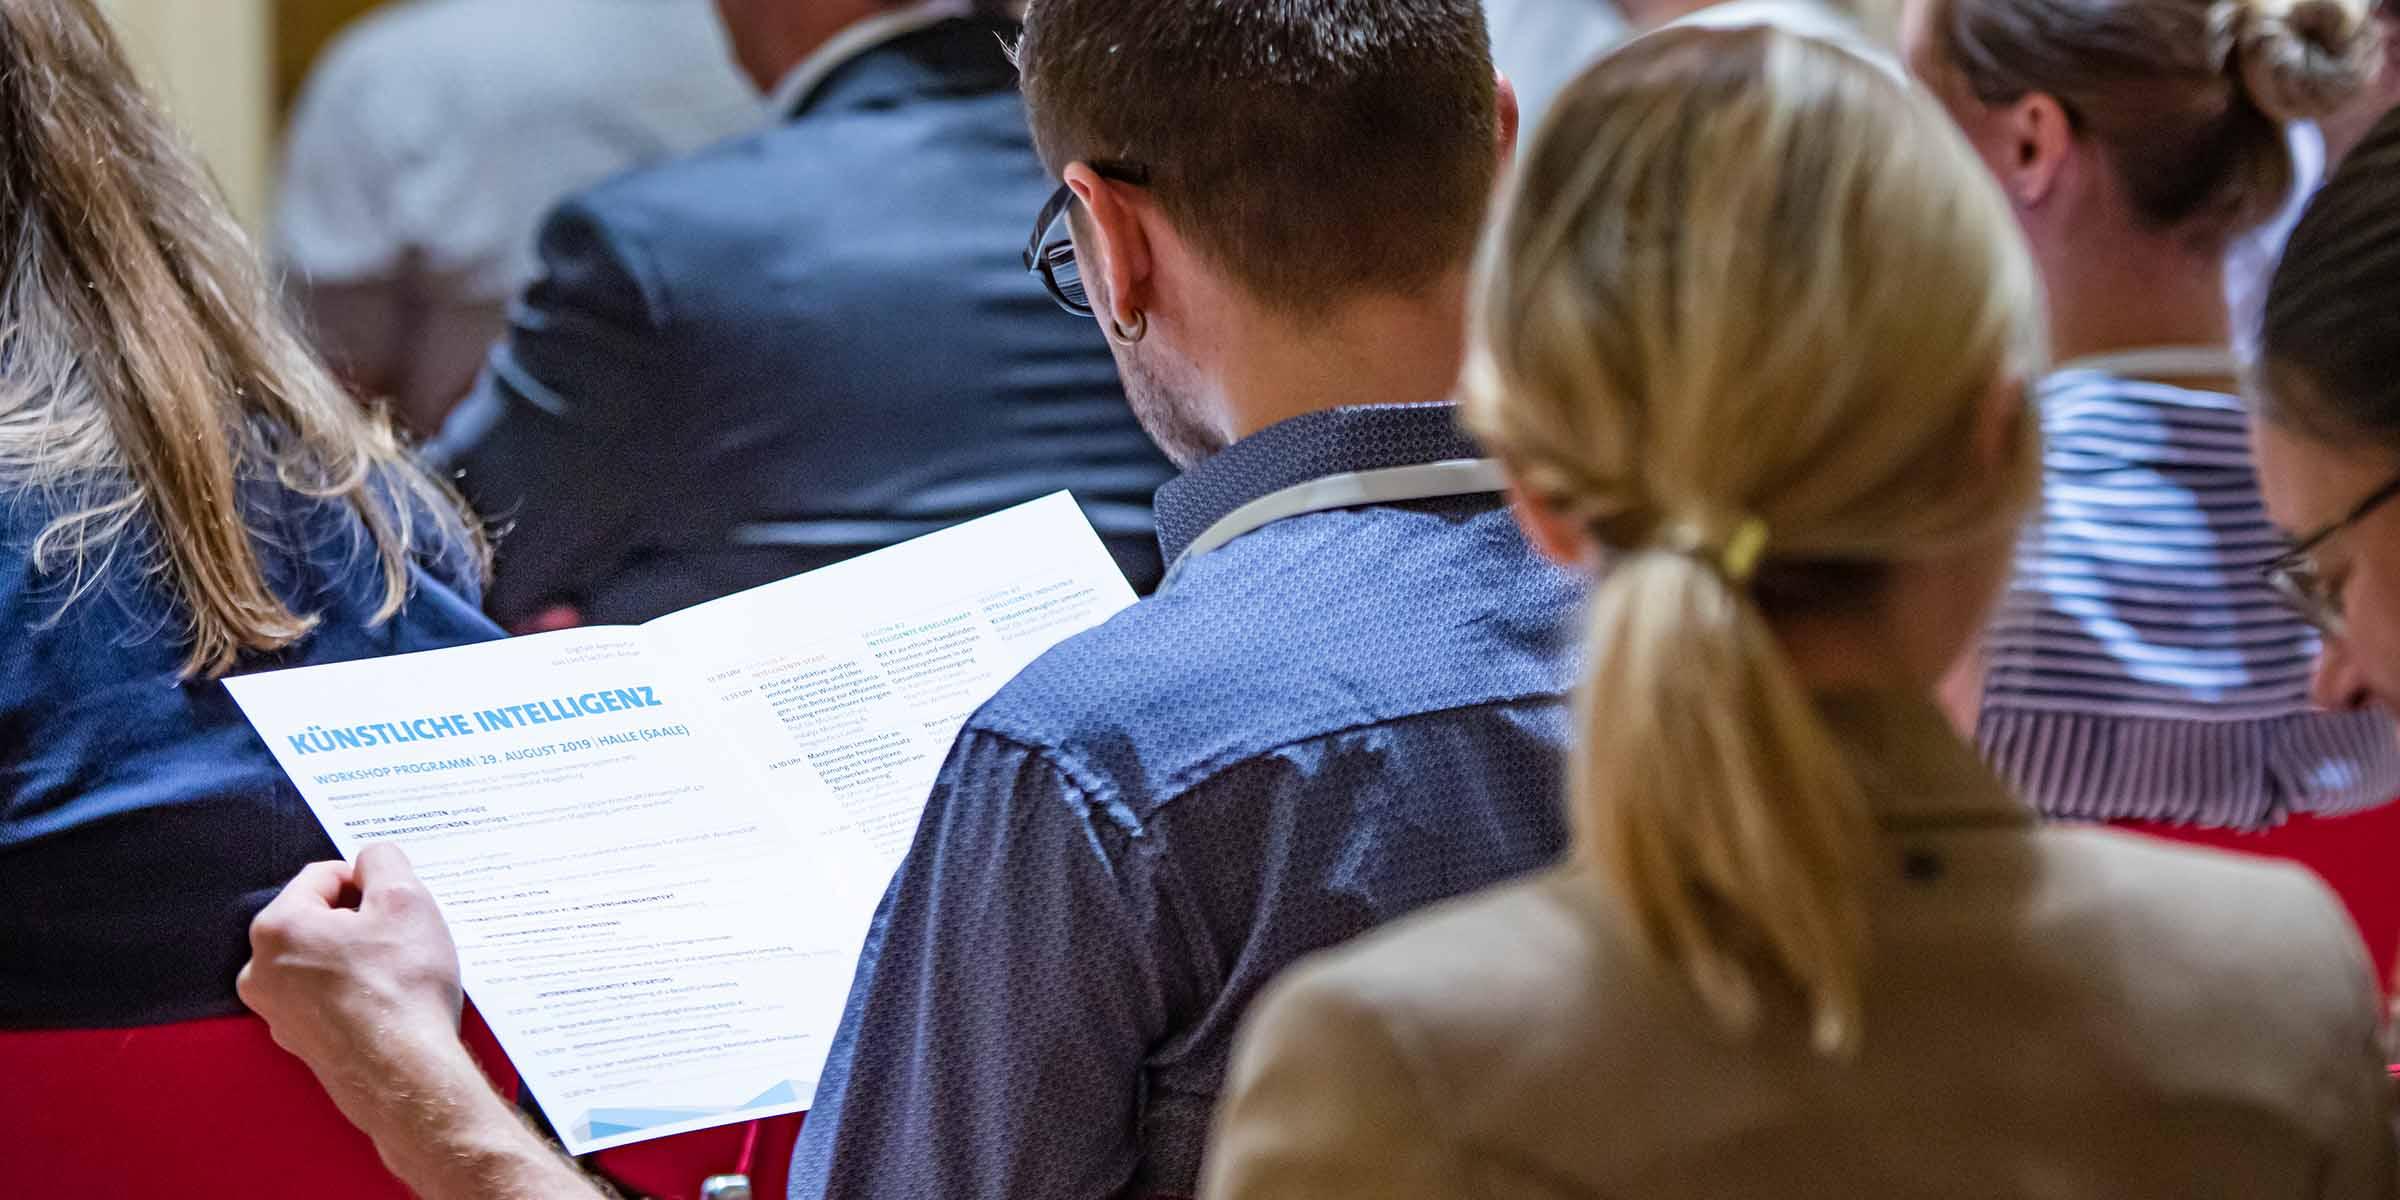 Ein Mann liest die Broschüre über künstliche Intelligenz auf der Digitalen Agenda für das Land Sachsen-Anhalt